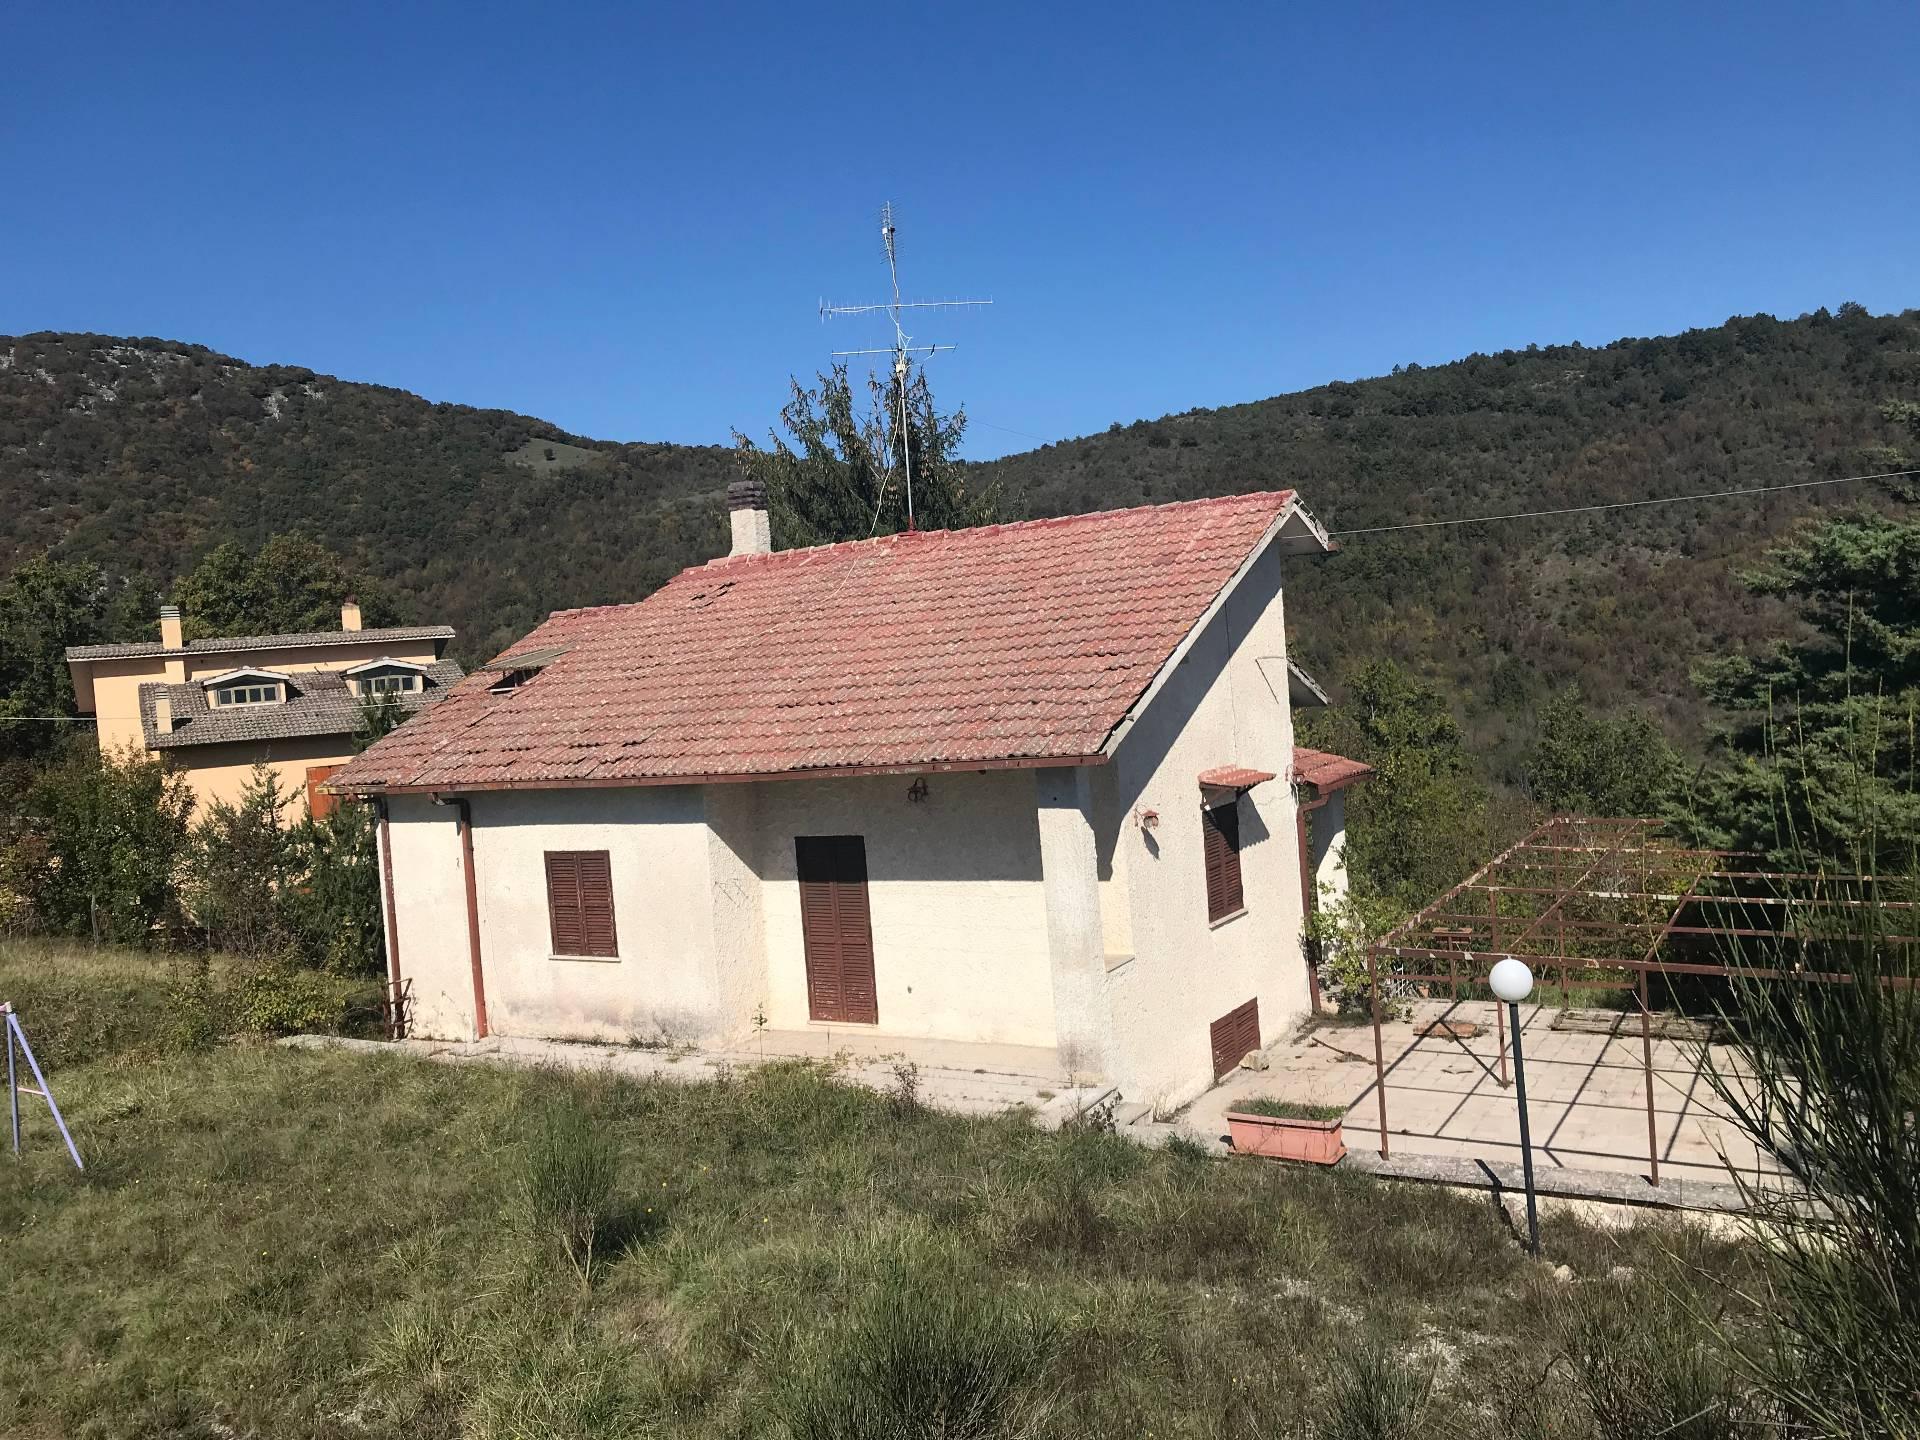 Villa in vendita a Orvinio, 7 locali, prezzo € 80.000 | CambioCasa.it